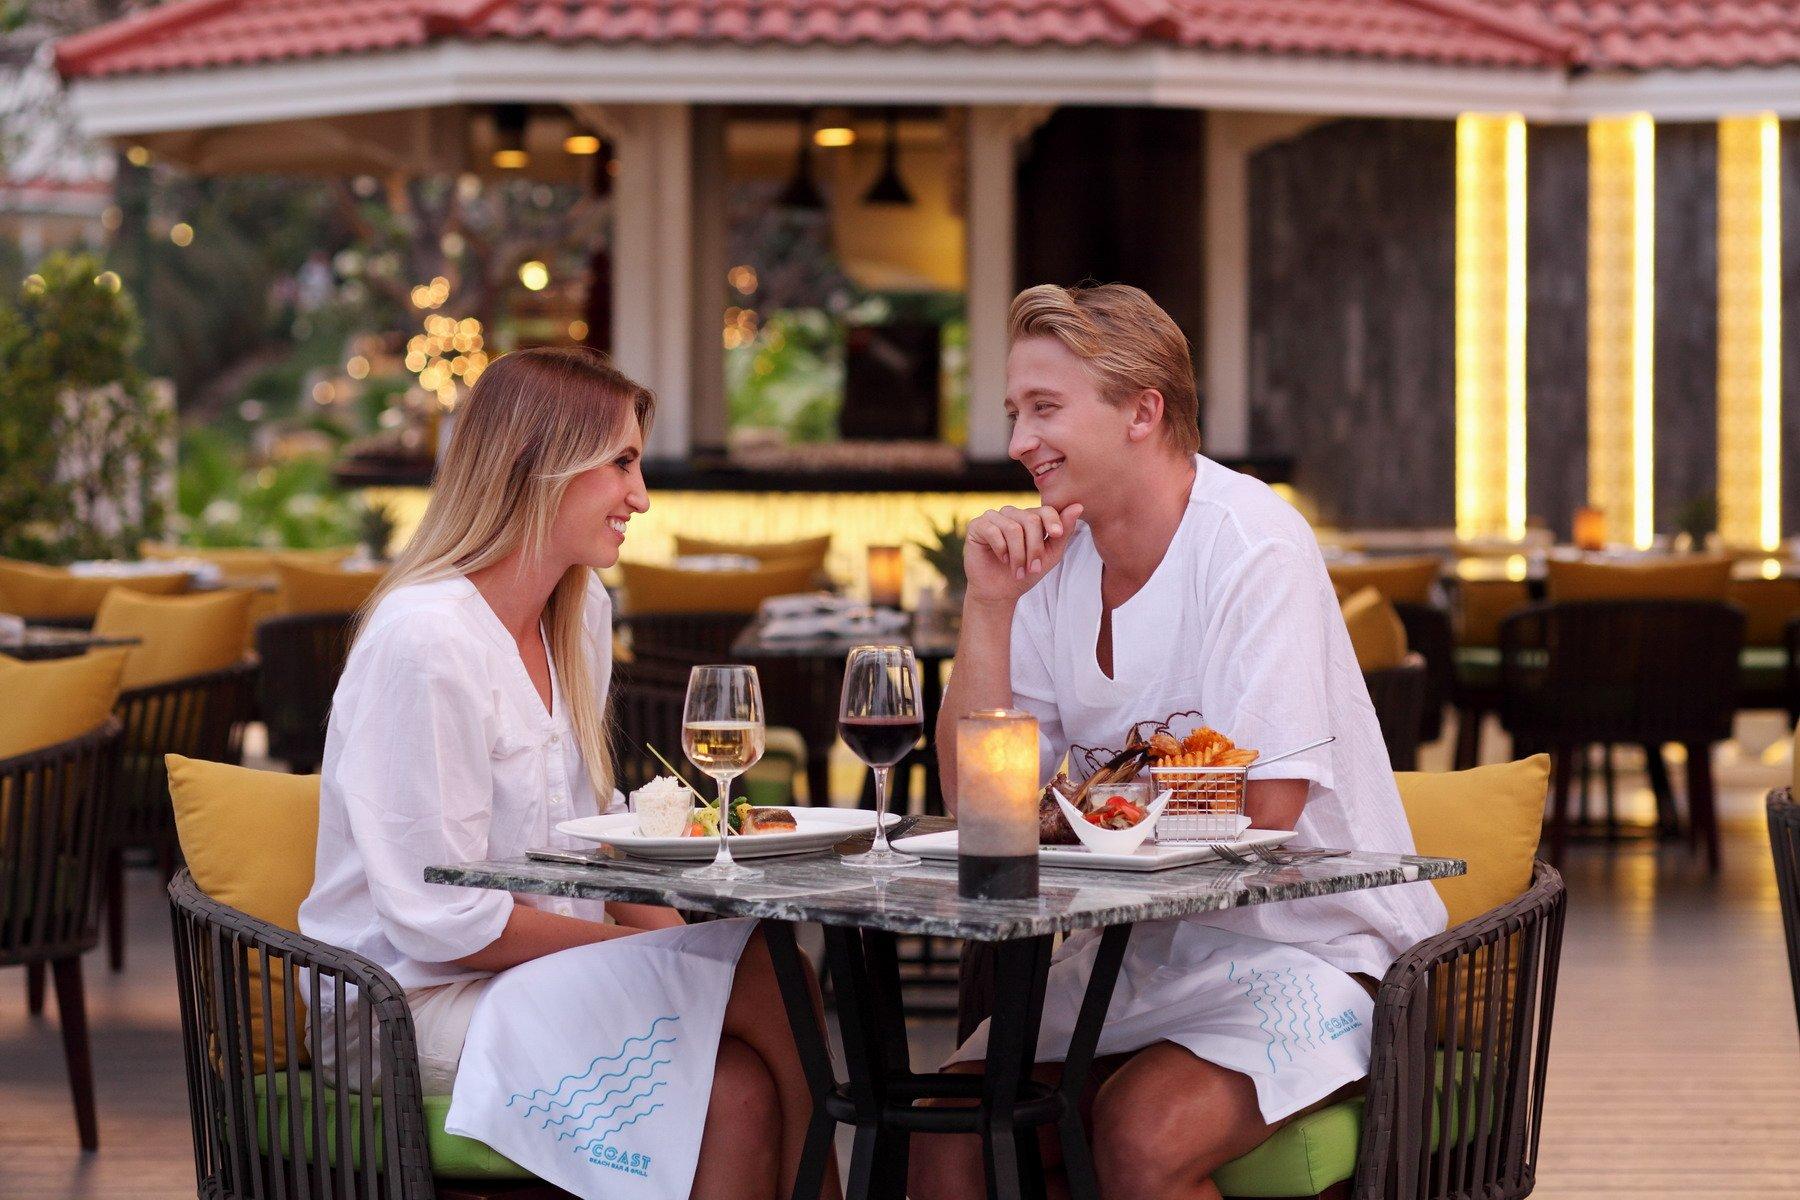 ชวนแพ็คกระเป๋า เข้าพักตลอดสัปดาห์กับหลายข้อเสนอสุดพิเศษ ณ โรงแรมเซ็นทาราแกรนด์บีชรีสอร์ทและวิลลา หัวหิน 2 -